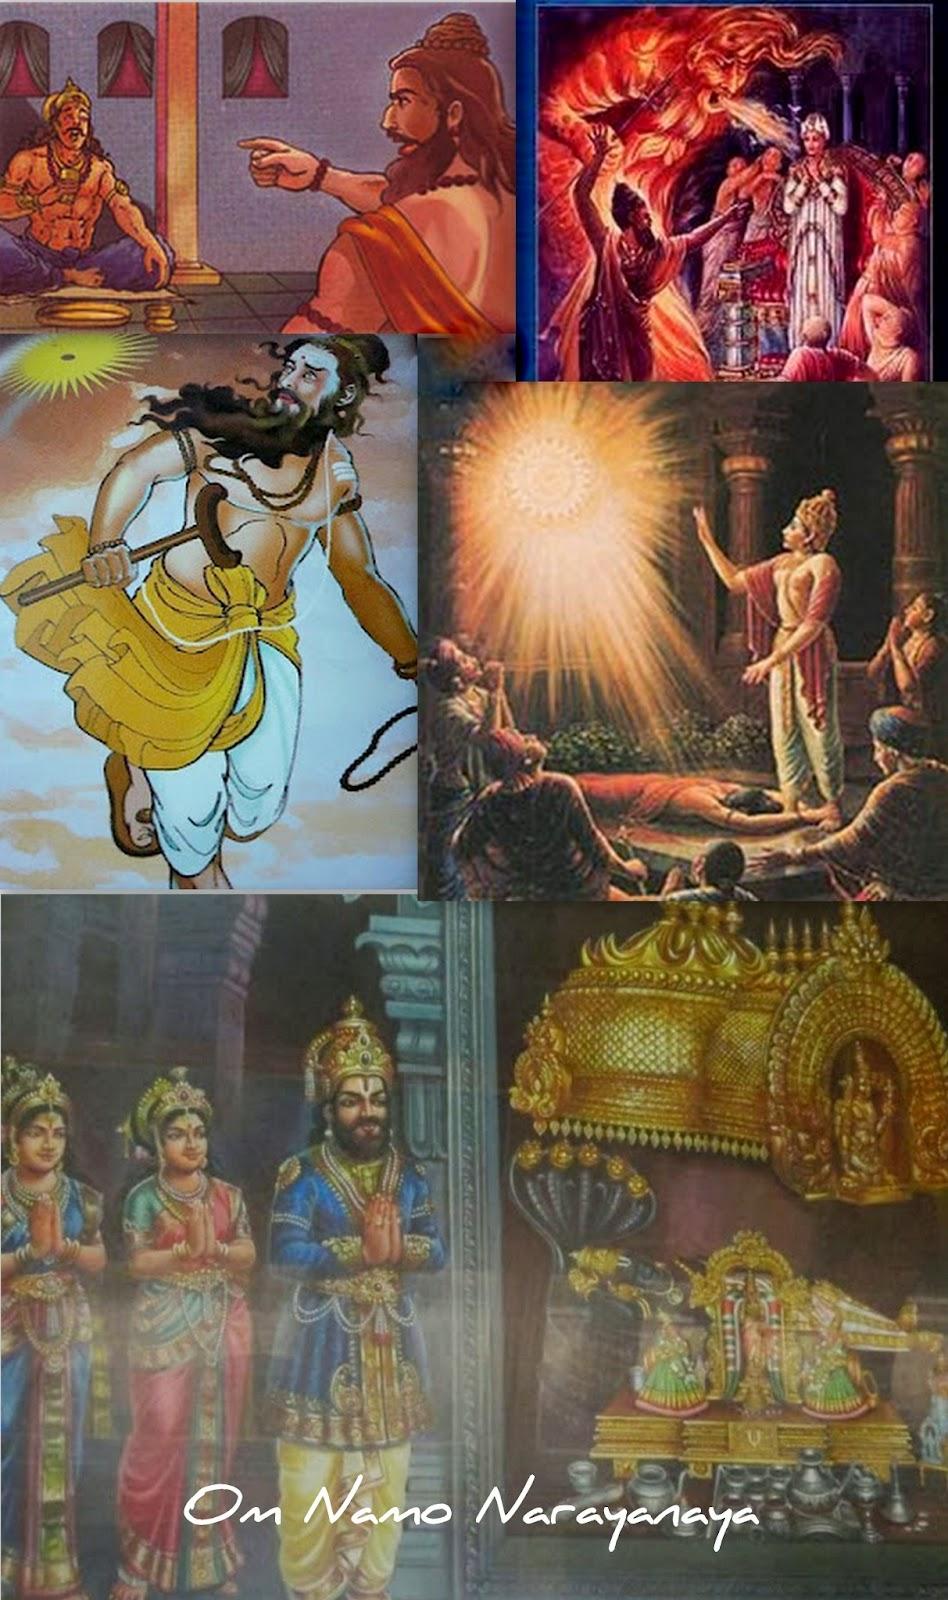 கண்ணன் கதைகள் (7) - அம்பரீஷ சரித்திரம், கண்ணன் கதைகள், குருவாயூரப்பன் கதைகள்,